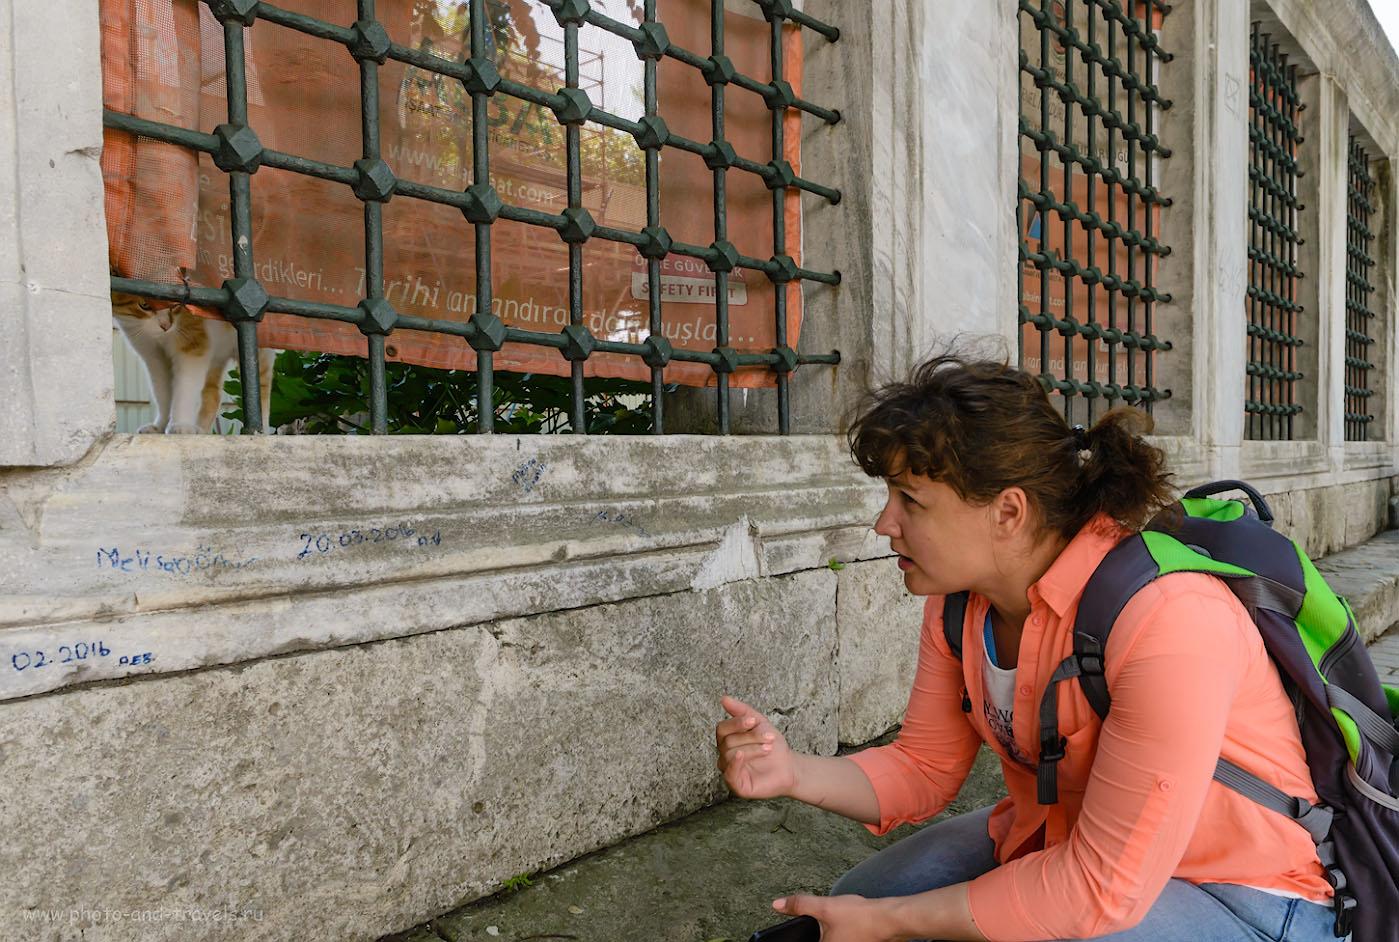 Фотография 22. Контакт с жителями Стамбула. 1/200, -0,67, 8.0, 800, 24.